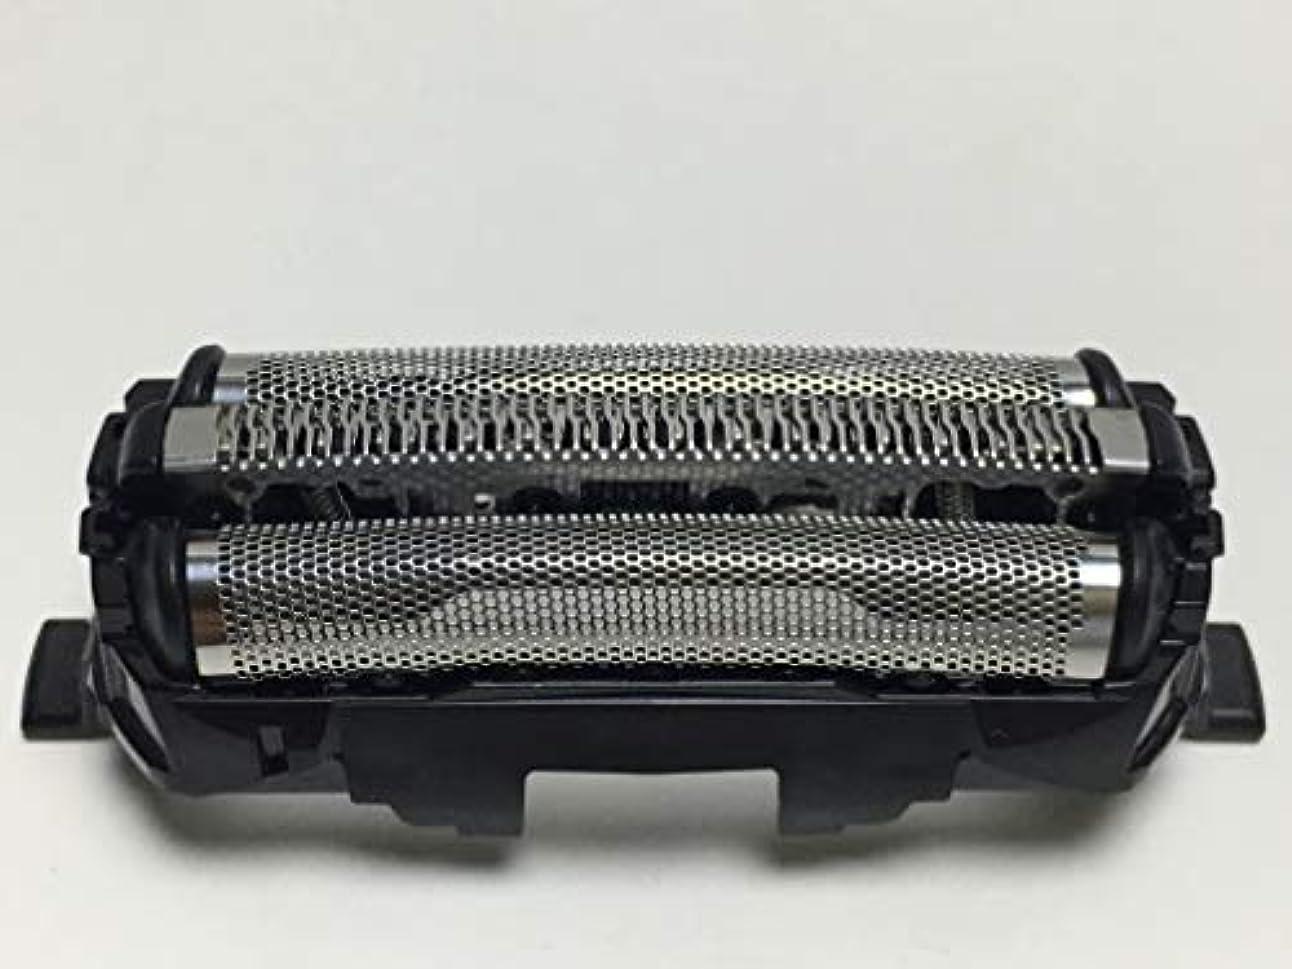 周り群衆アサート剃刀ヘッドブレードネット パナソニック PANASONIC ES-RT33 ES-SL31 ES-RT34 ES-RT36 ES-RT37 ES-RT47 交換用外箔 Shaver Razor head Outer Foil